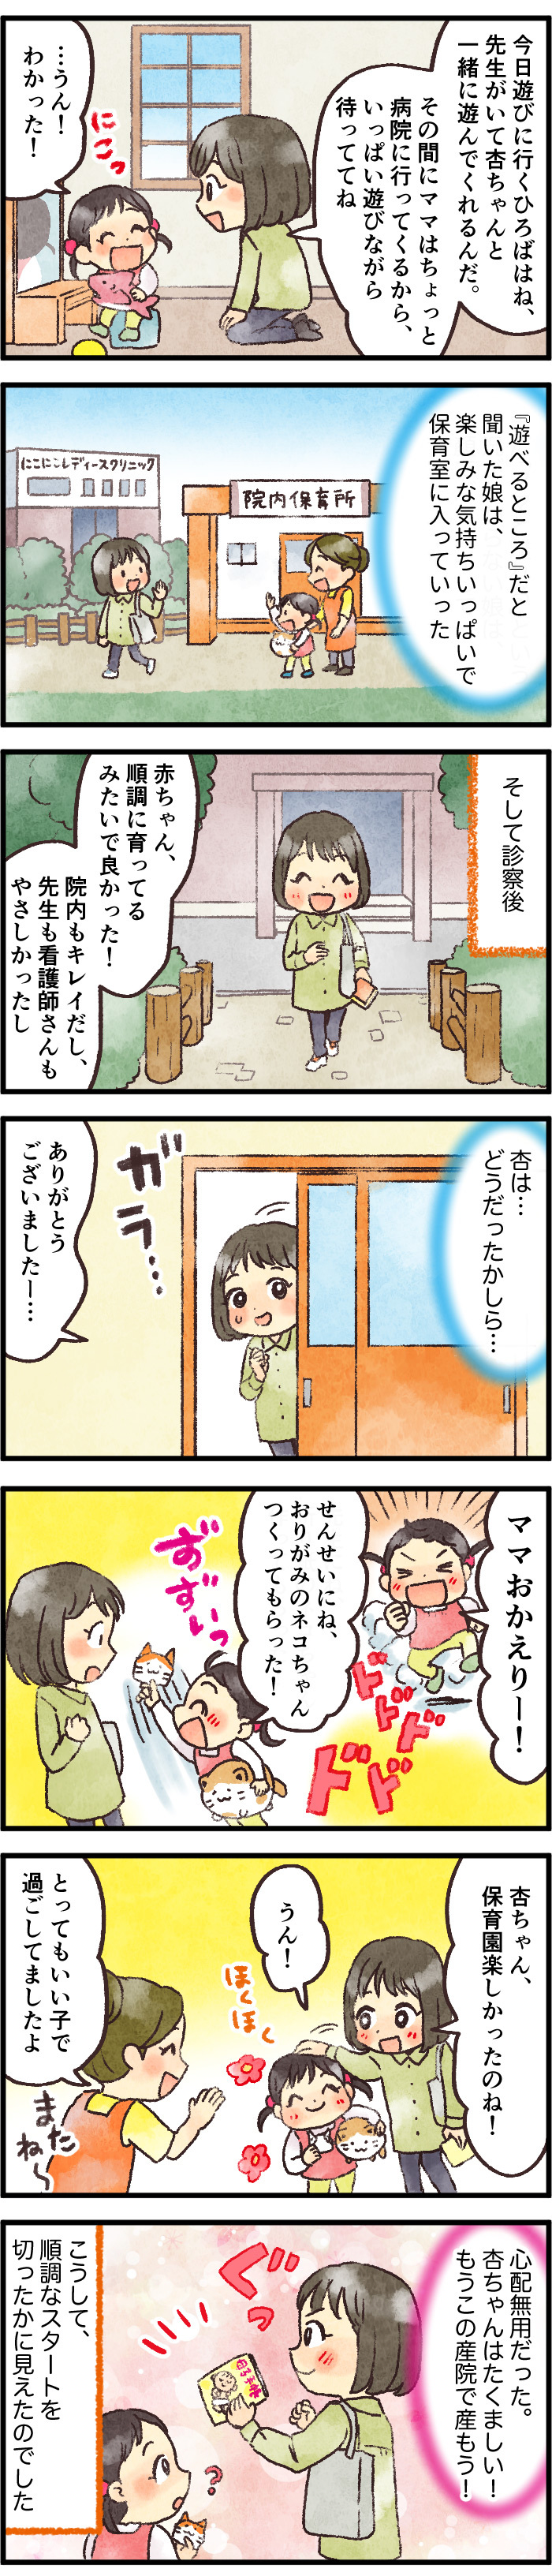 """待望の二人目妊娠!出産準備には、上の子の""""一時預かりデビュー""""が待っていたの画像3"""